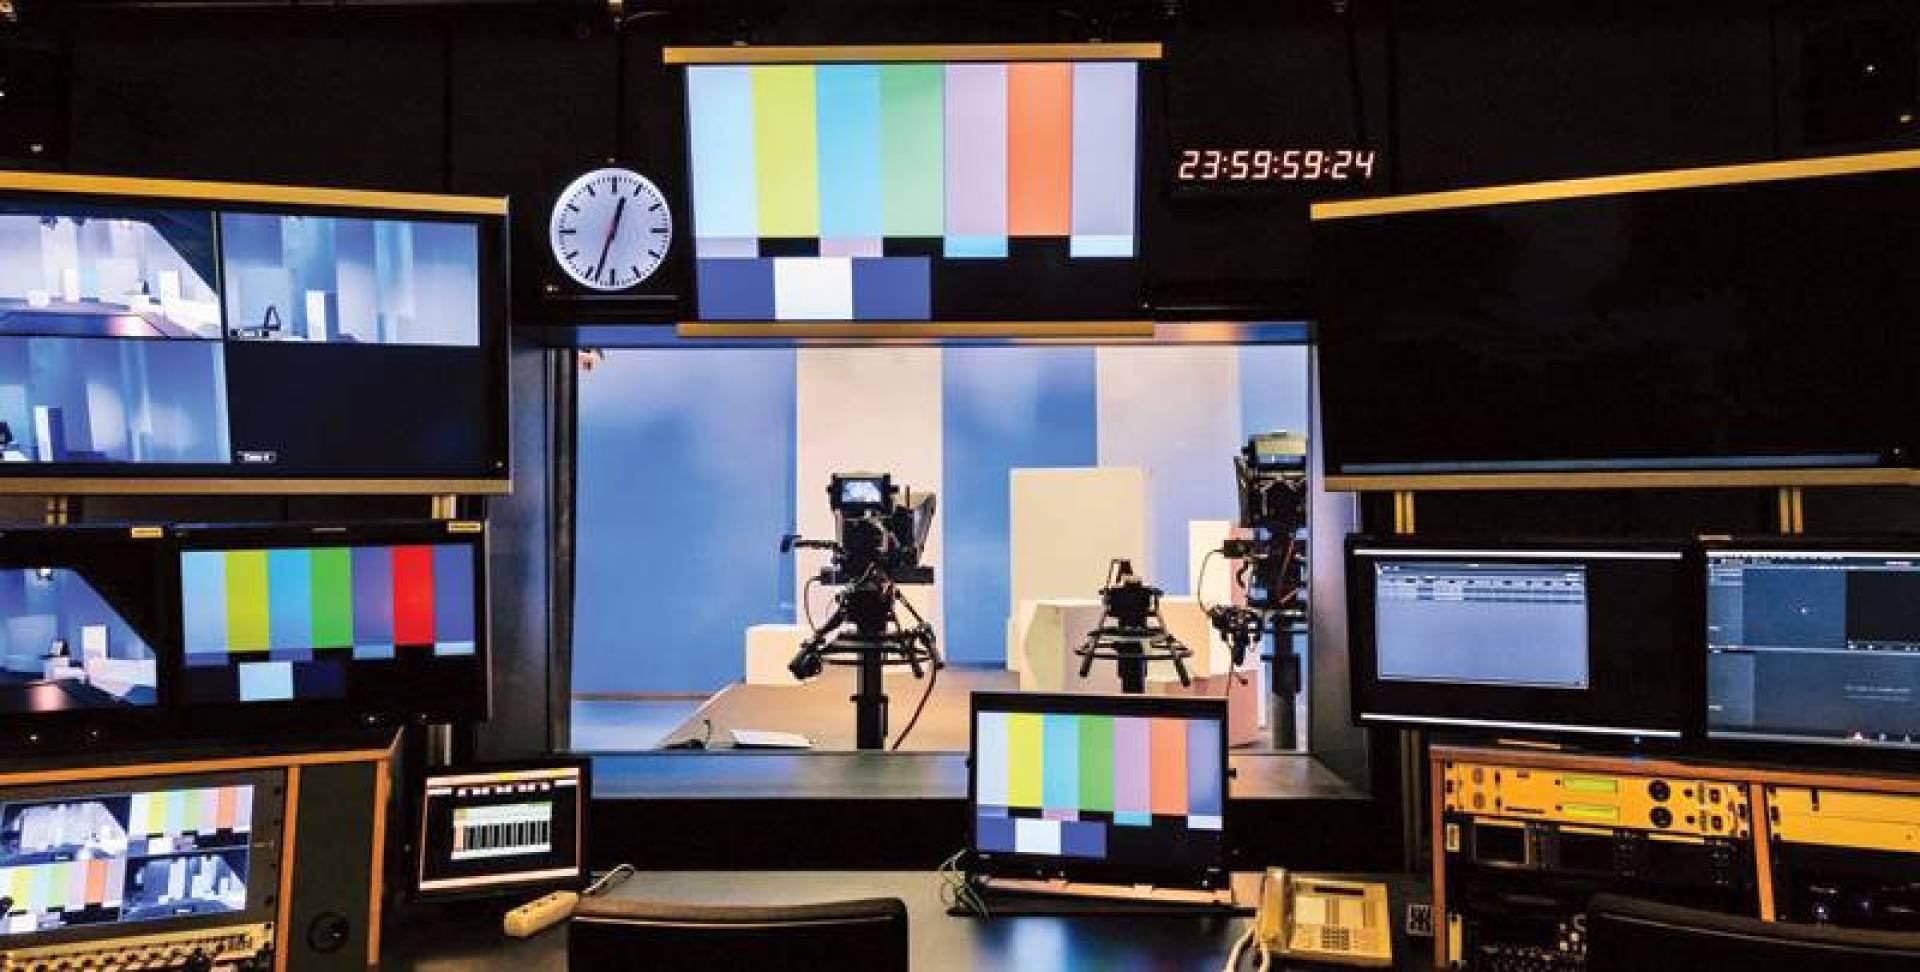 المجموعة الجديدة ستنتج مسلسلات شهيرة مثل بلاك ميرور